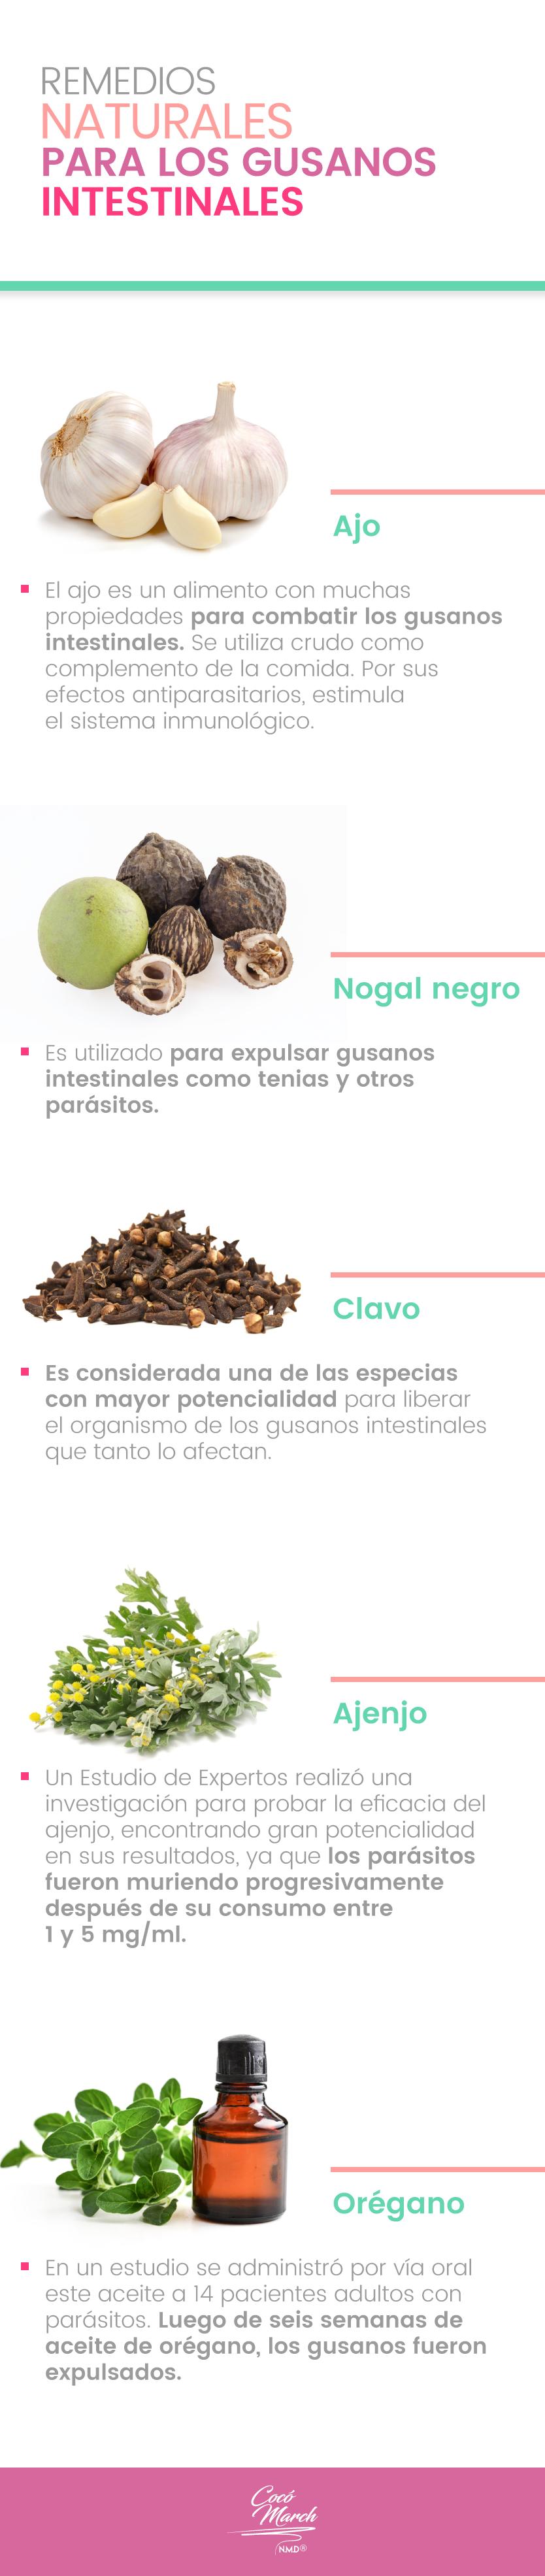 remedios-naturales-para-los-gusanos-intestinales